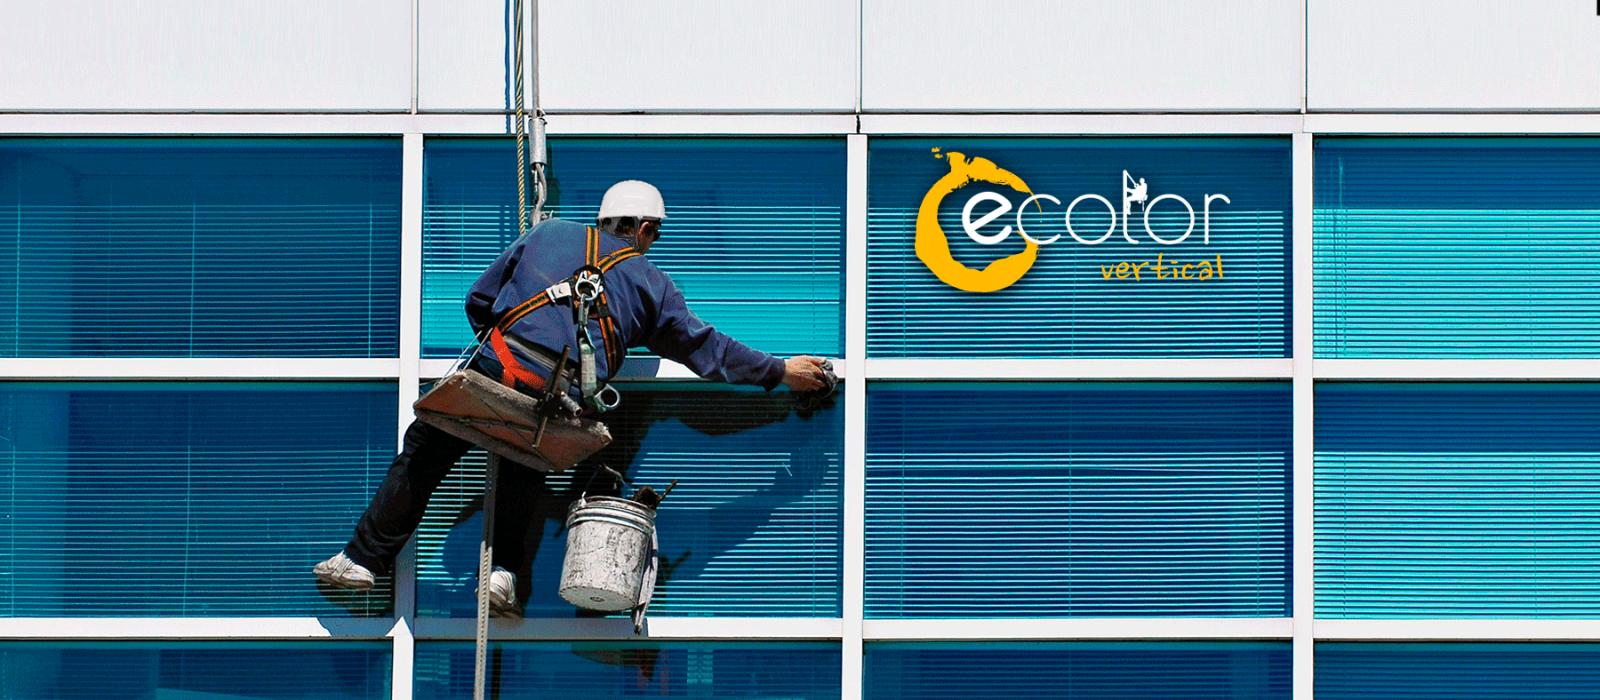 Ecolor: Trabajos verticales